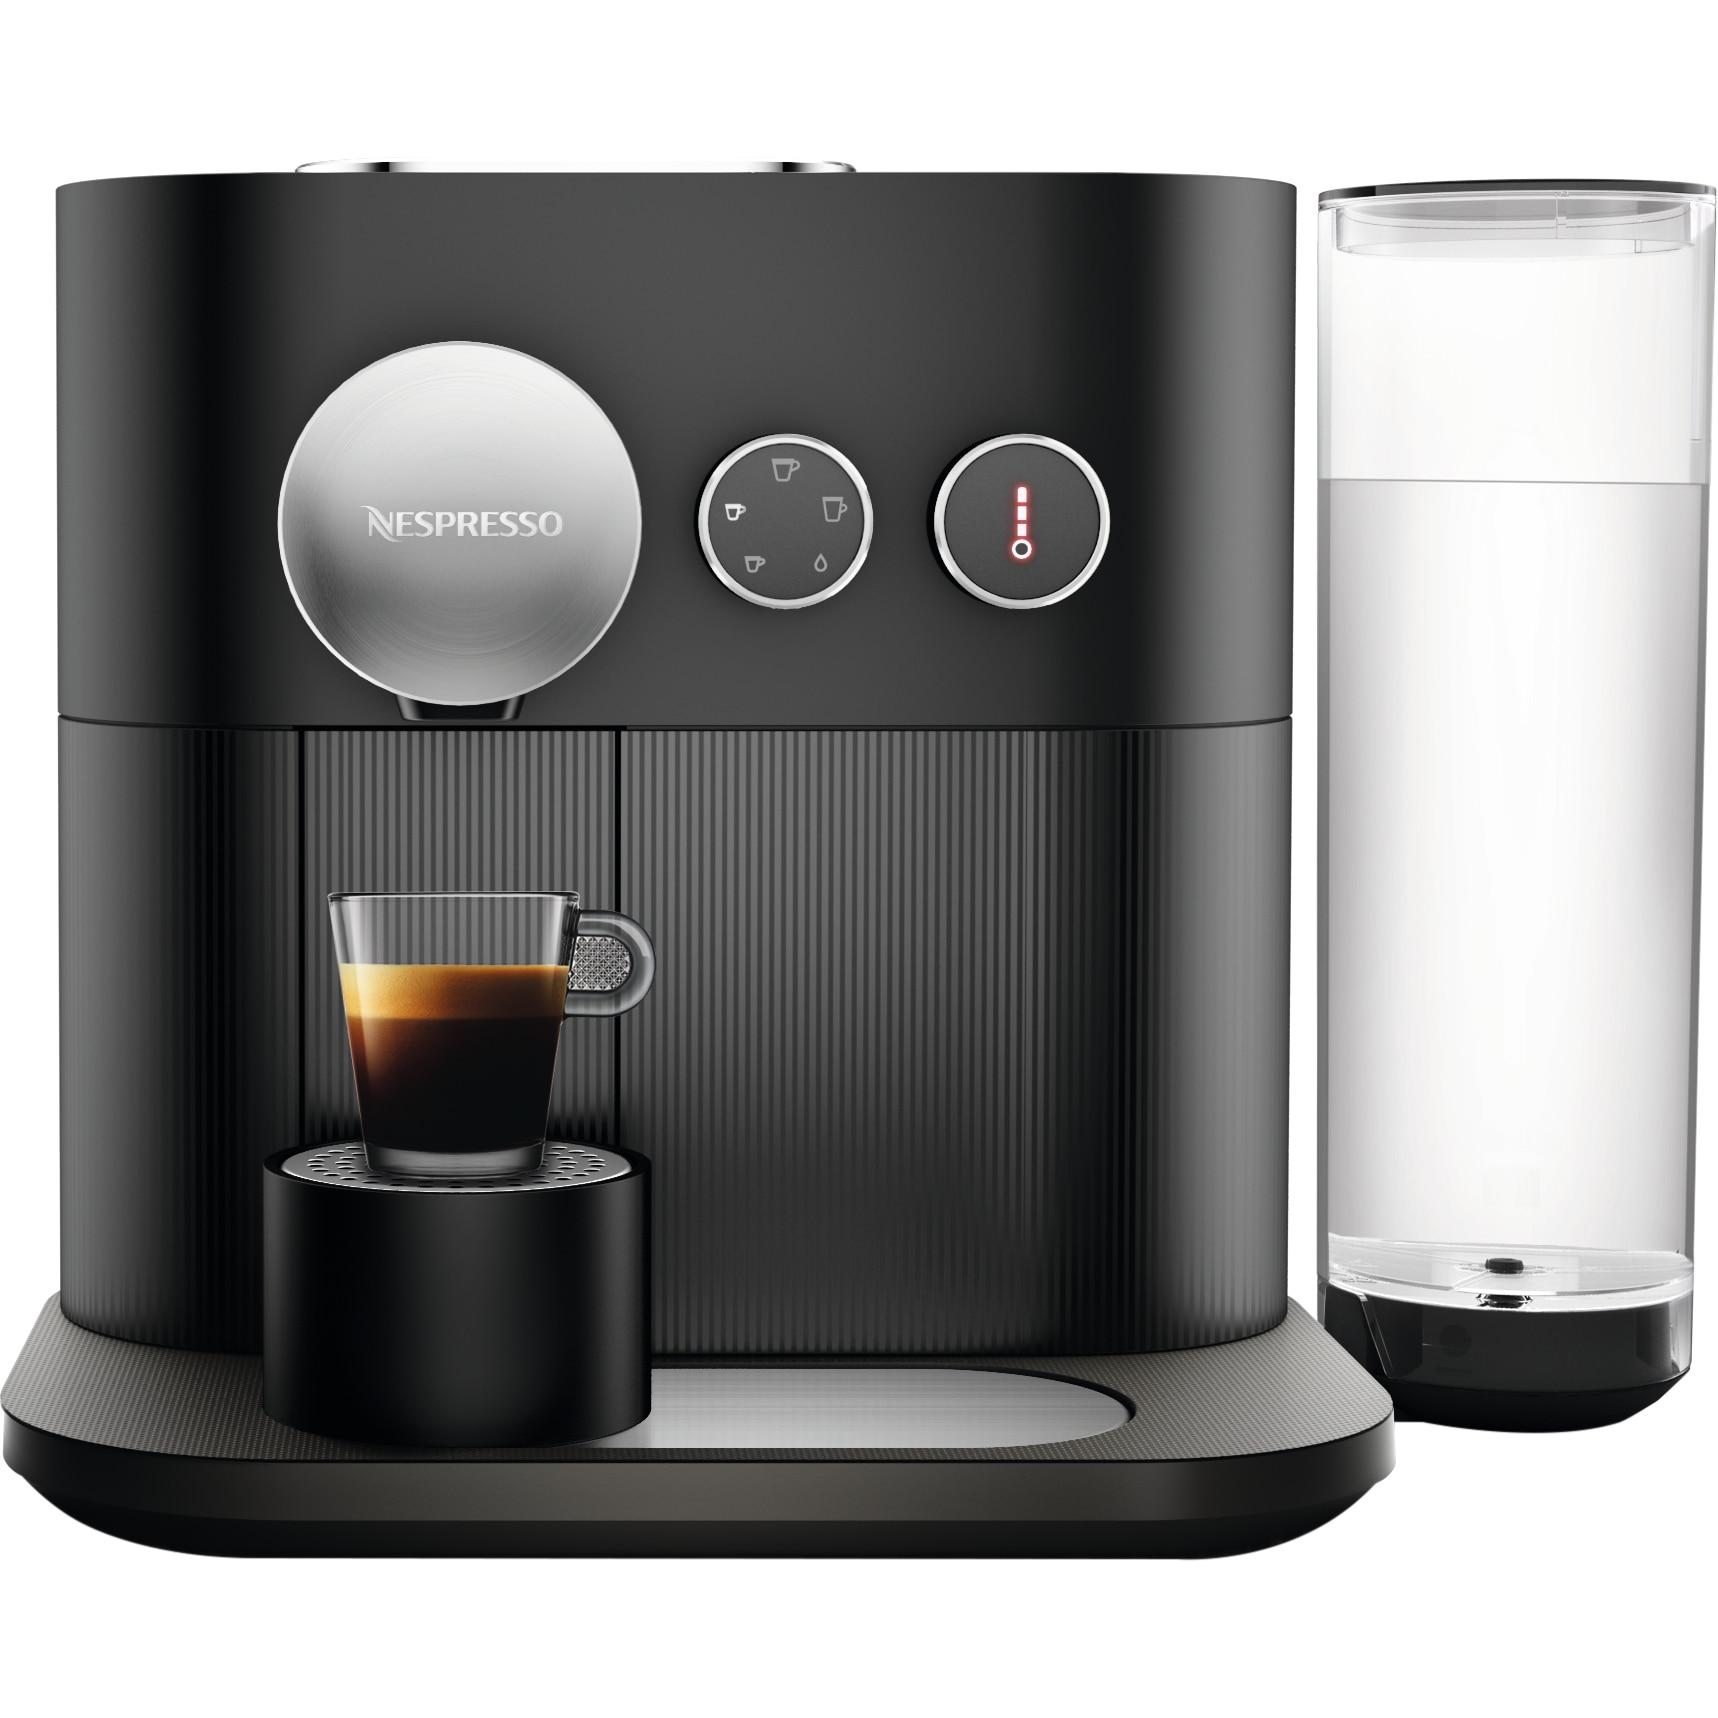 Fotografie Espressor Nespresso Expert Off Black C80-EU3-BK-NE, 19 bari, 1260 W, 1.1 l, Negru + 14 capsule cadou